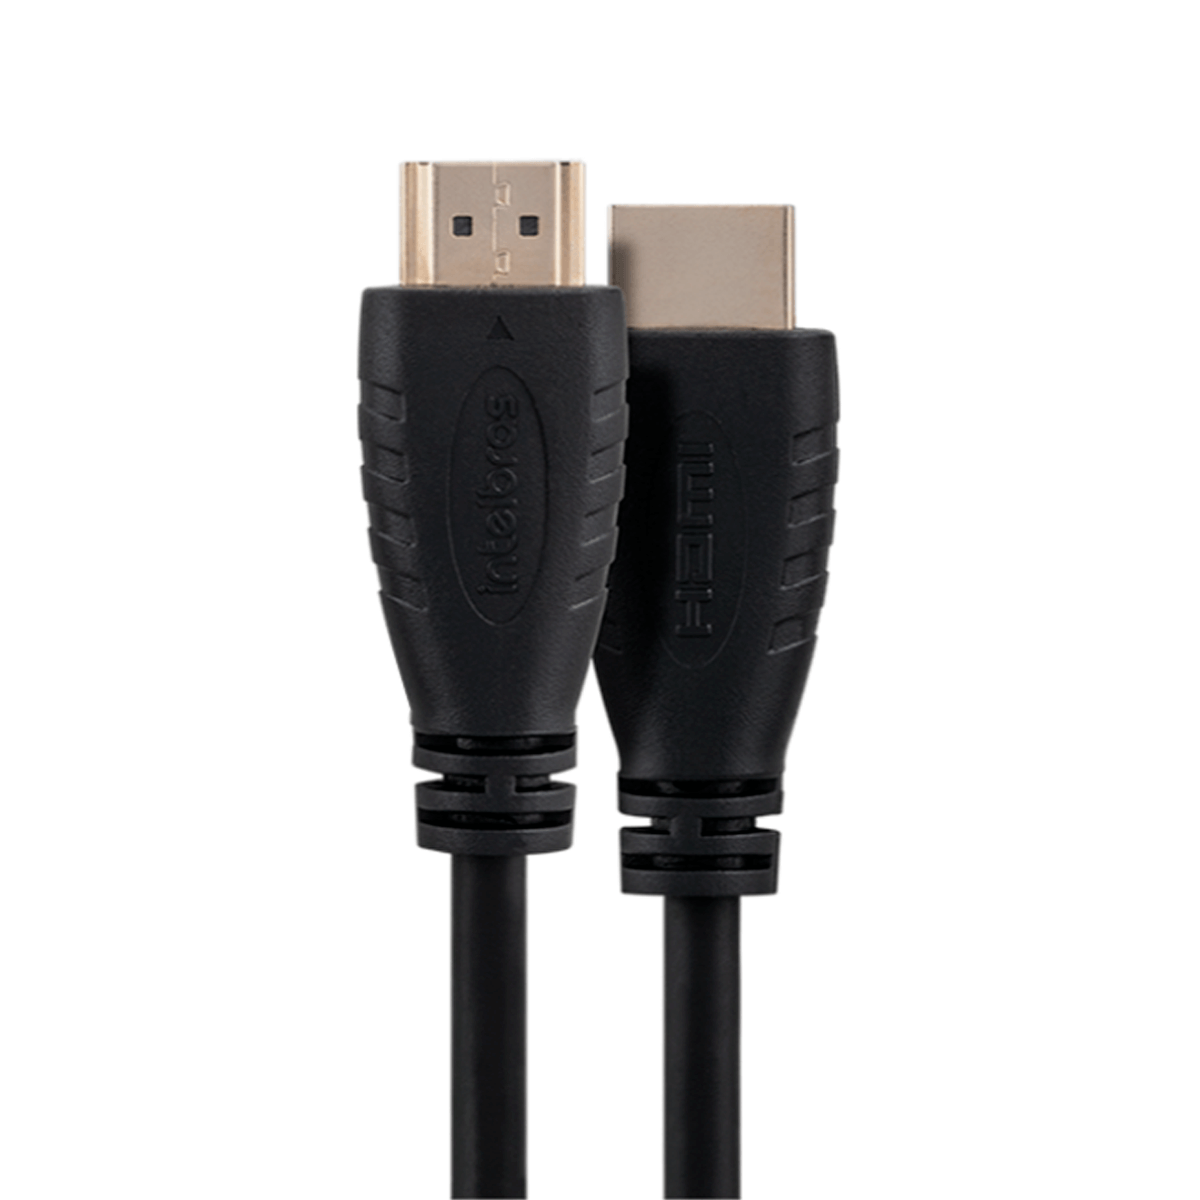 Cabo HDMI 3,0 metros Intelbras Versão 2.0 CH 2030